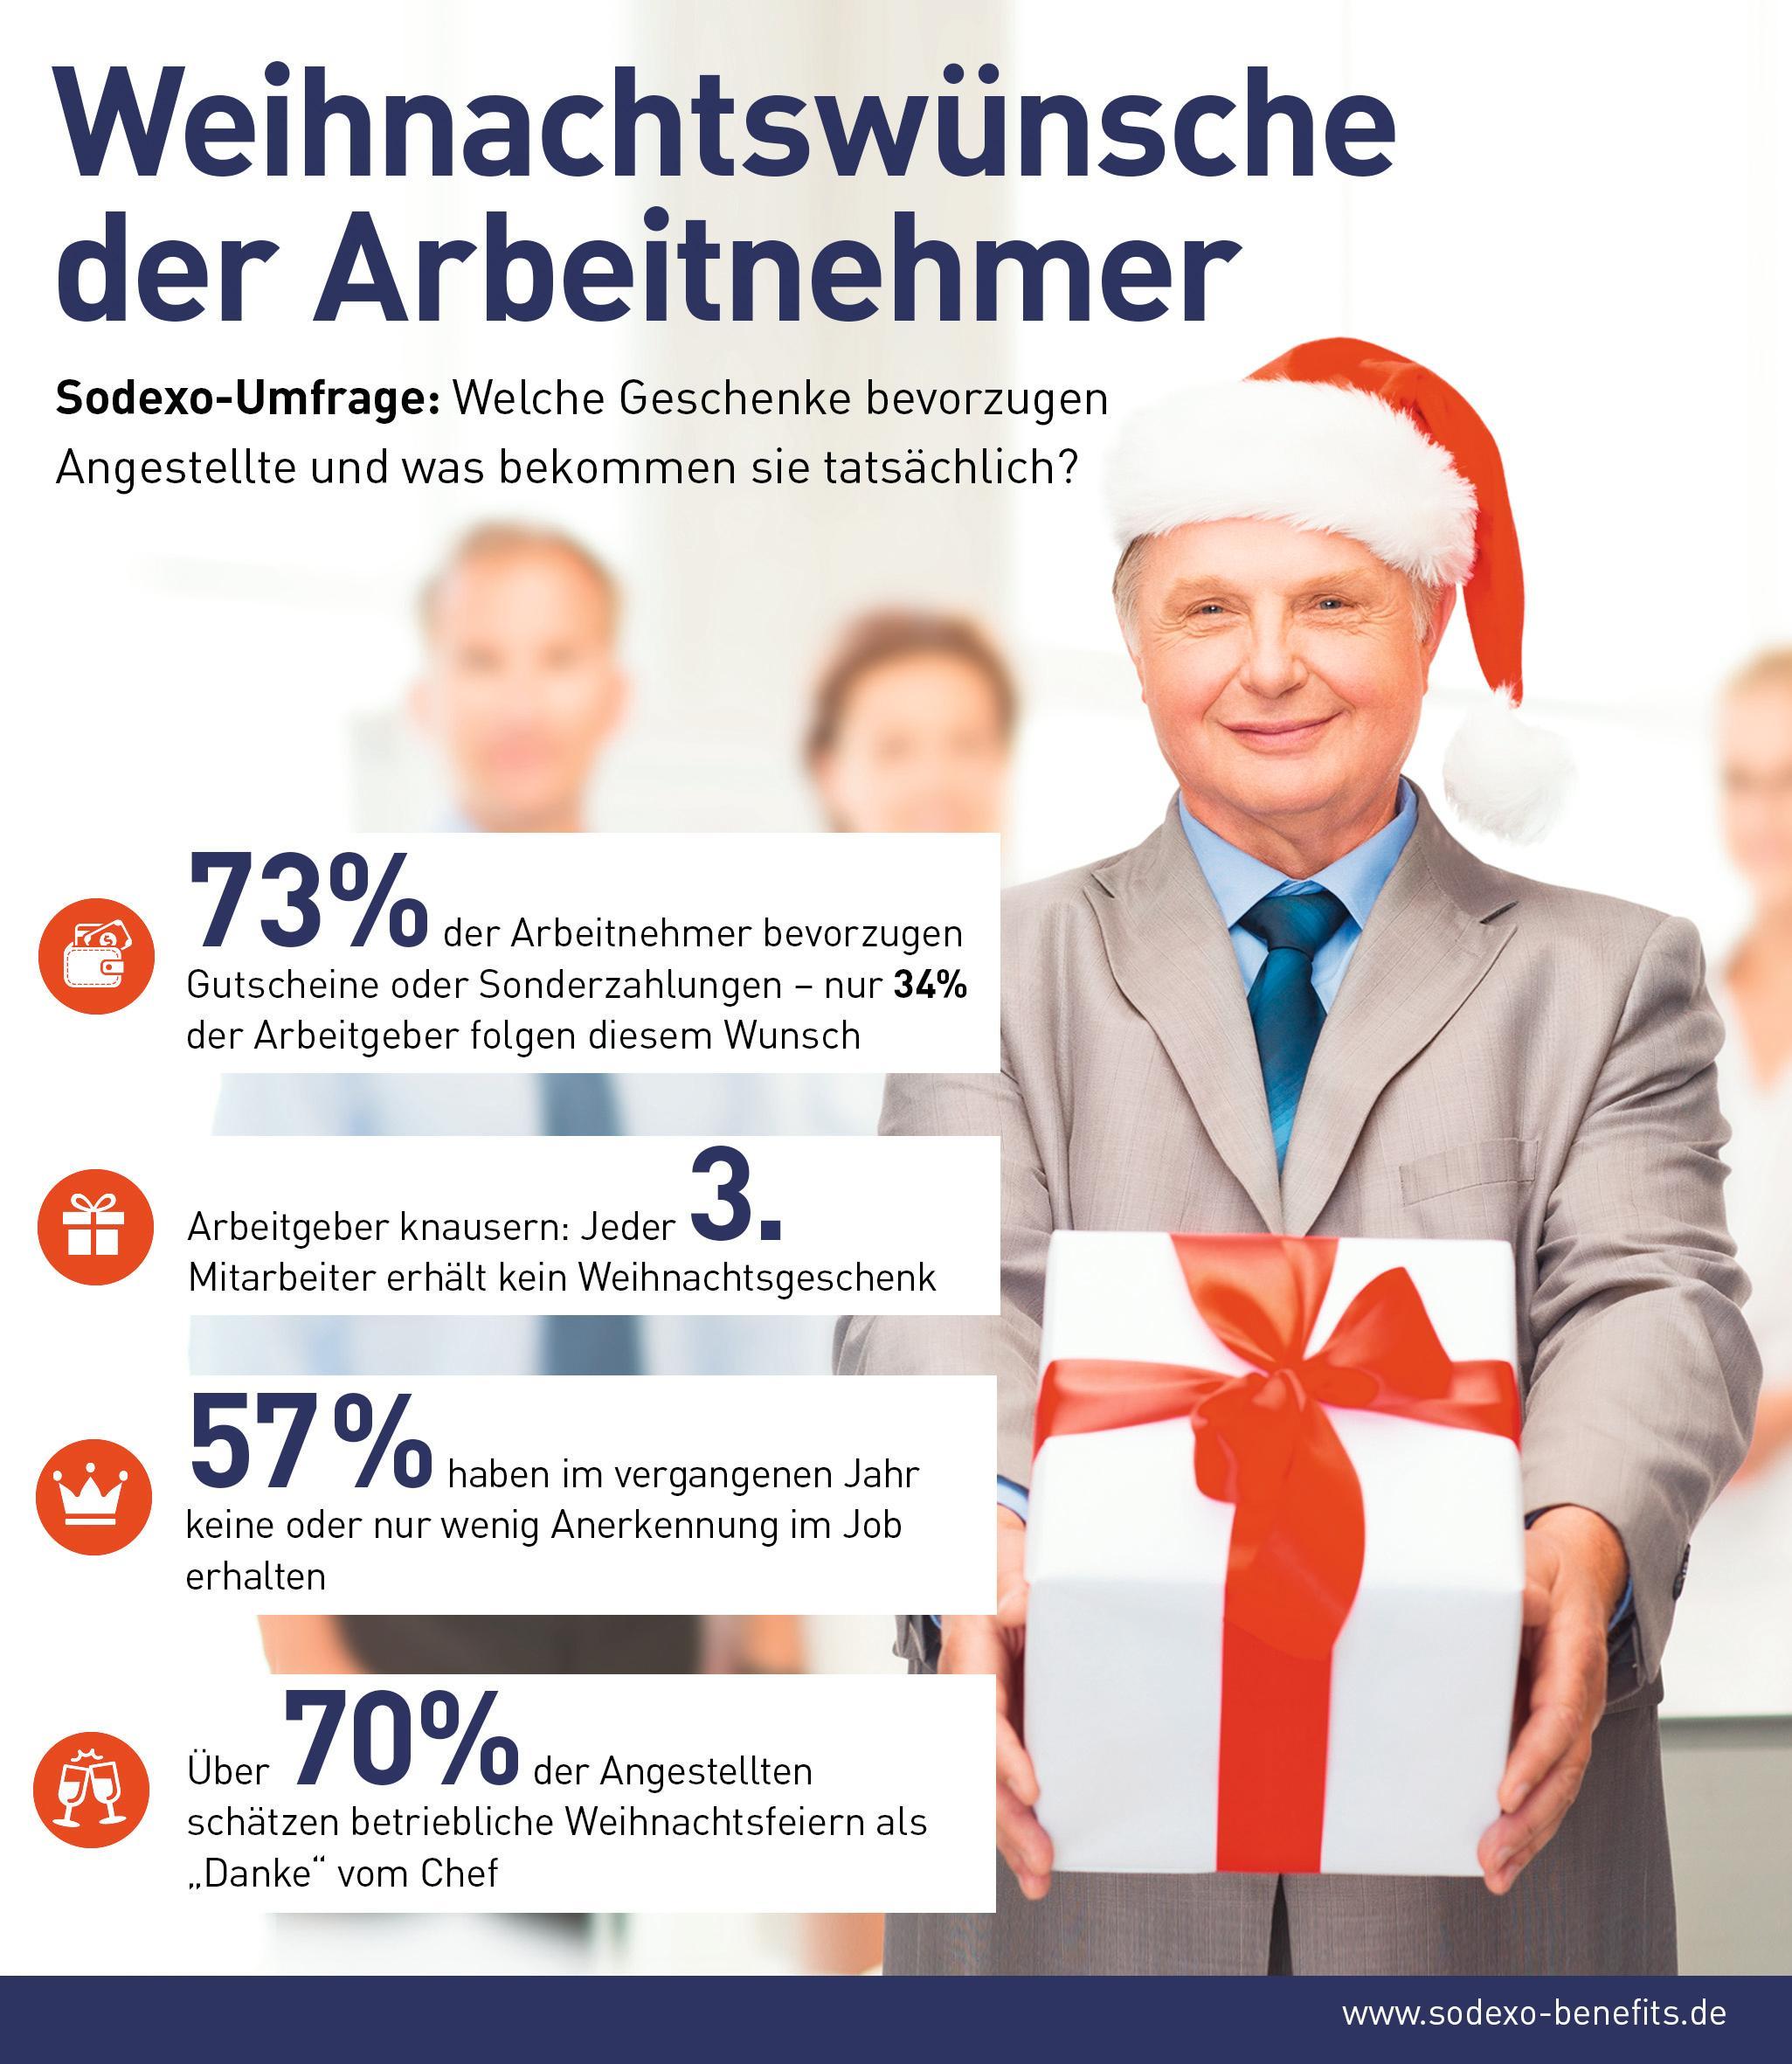 Weihnachtsgeschenke An Mitarbeiter.Weihnachtsgeschenke Für Arbeitnehmer Wunschliste Und Realität